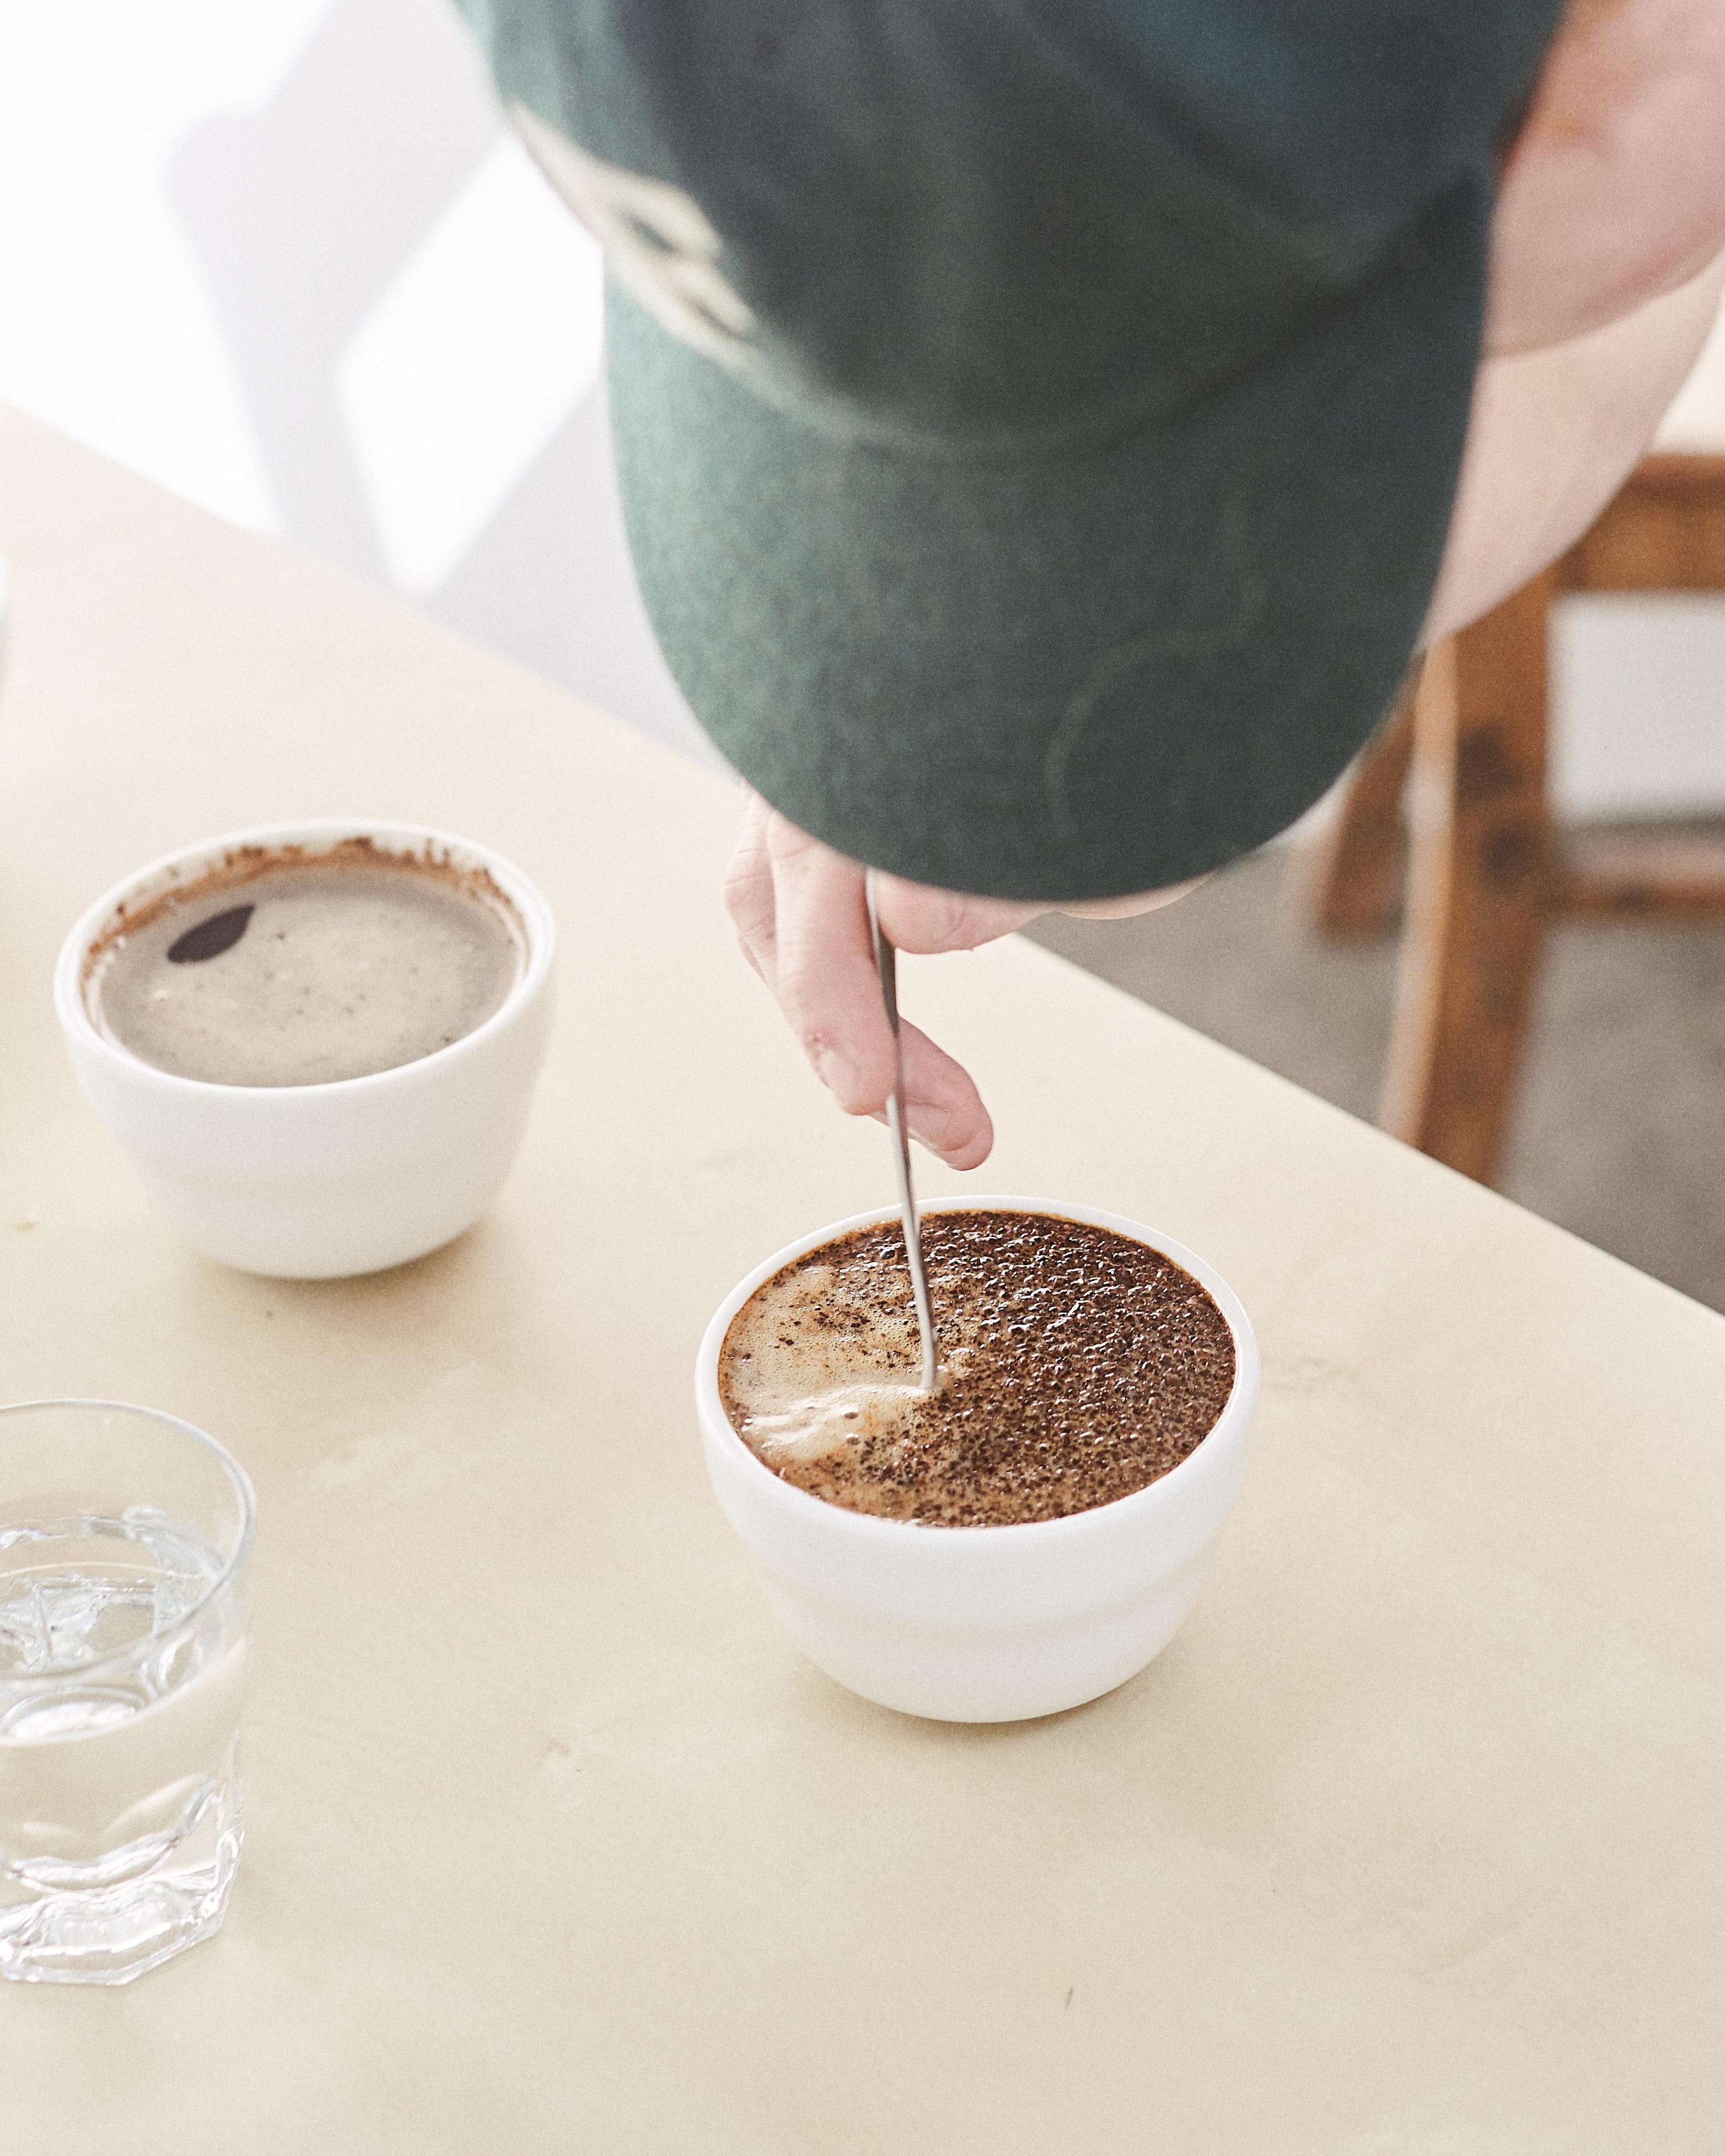 cupper breaking the crust